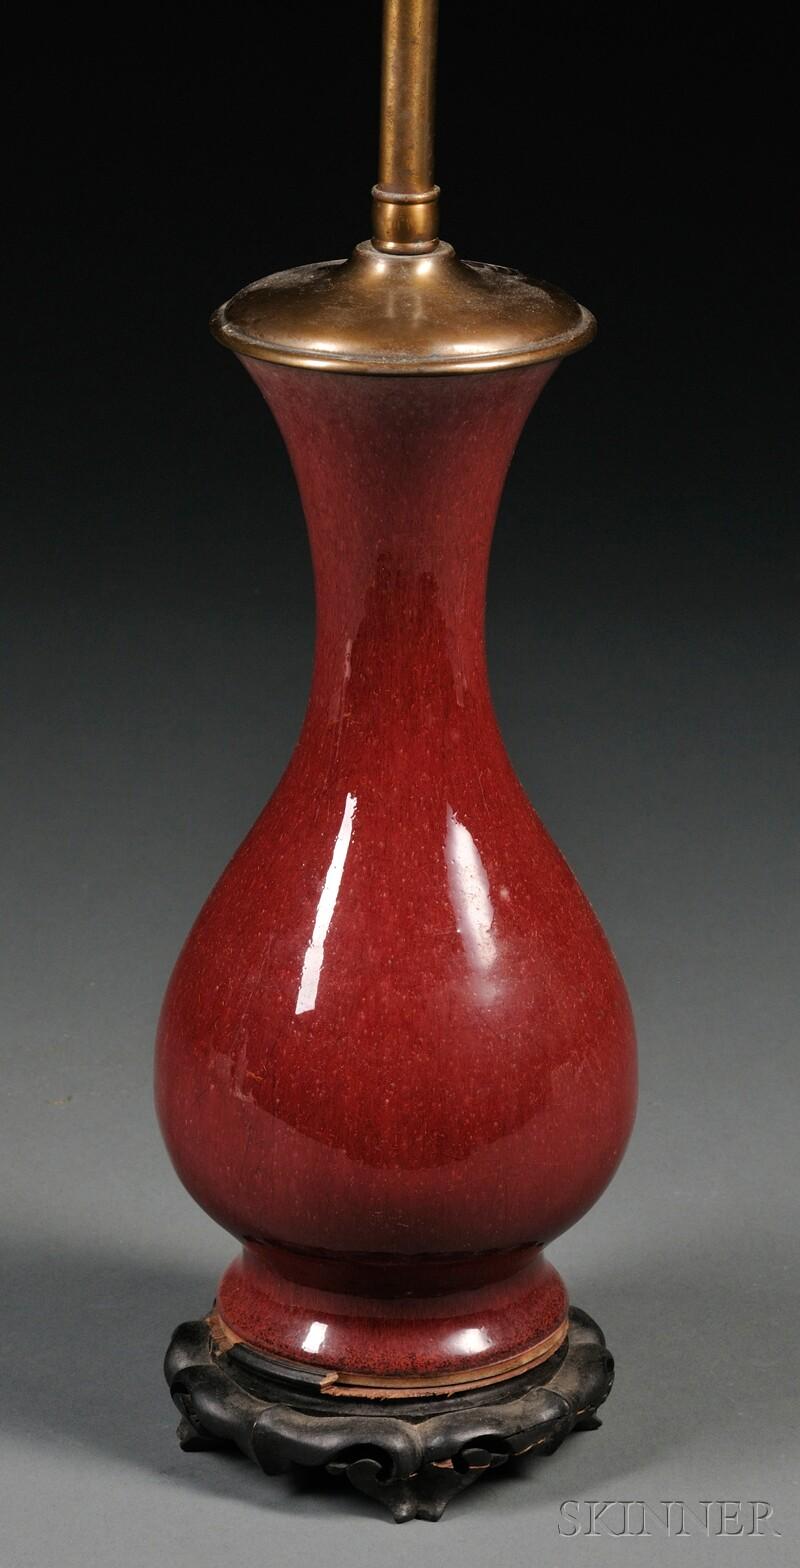 Sang de Boeuf Vase Mounted as Lamp Base